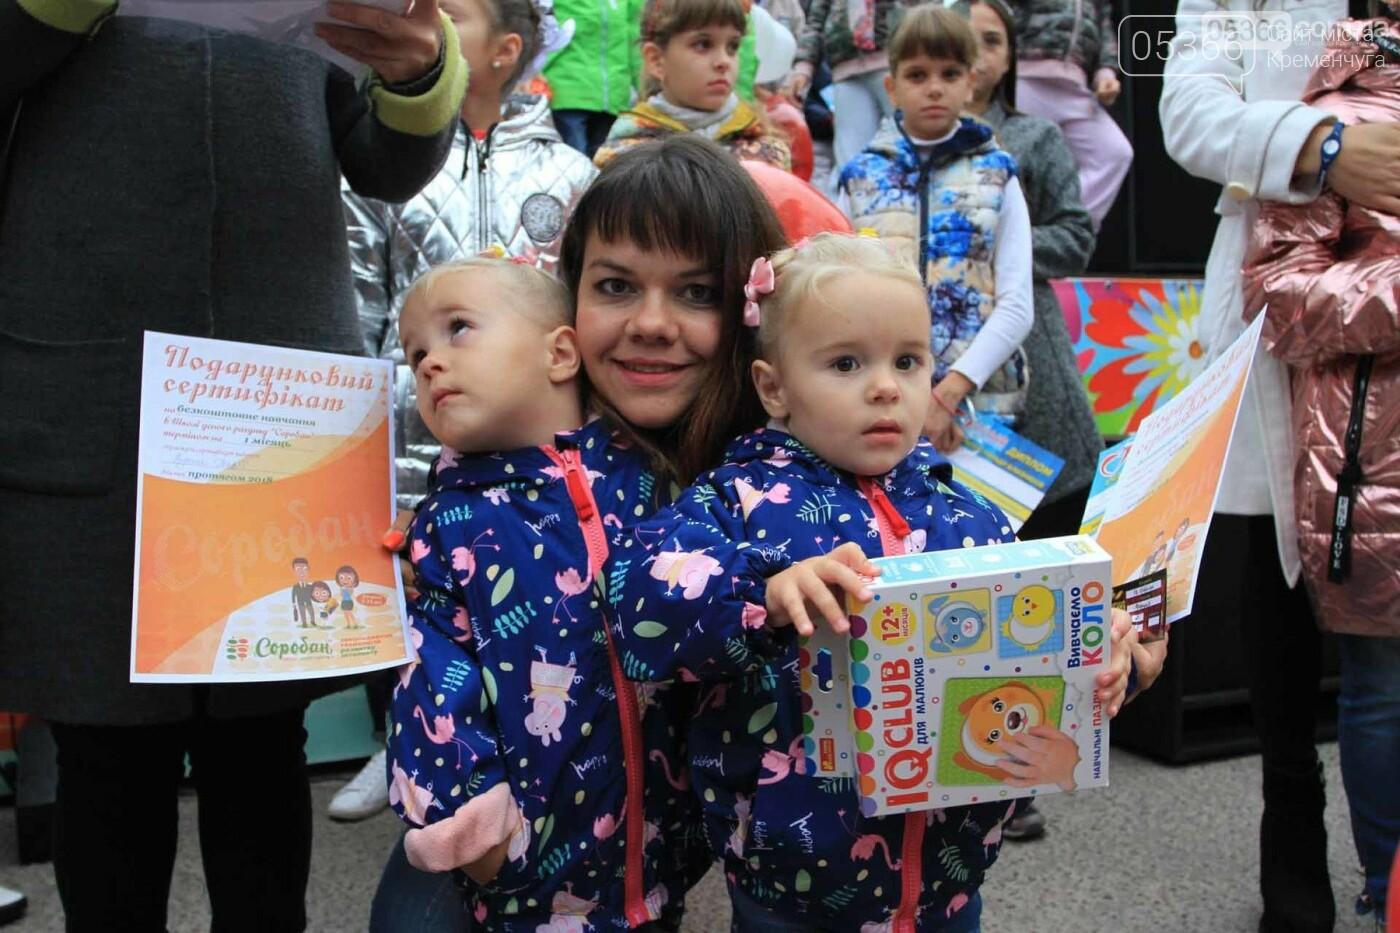 Як відбувався перший парад близнюків в Кременчуці (ФОТО), фото-6